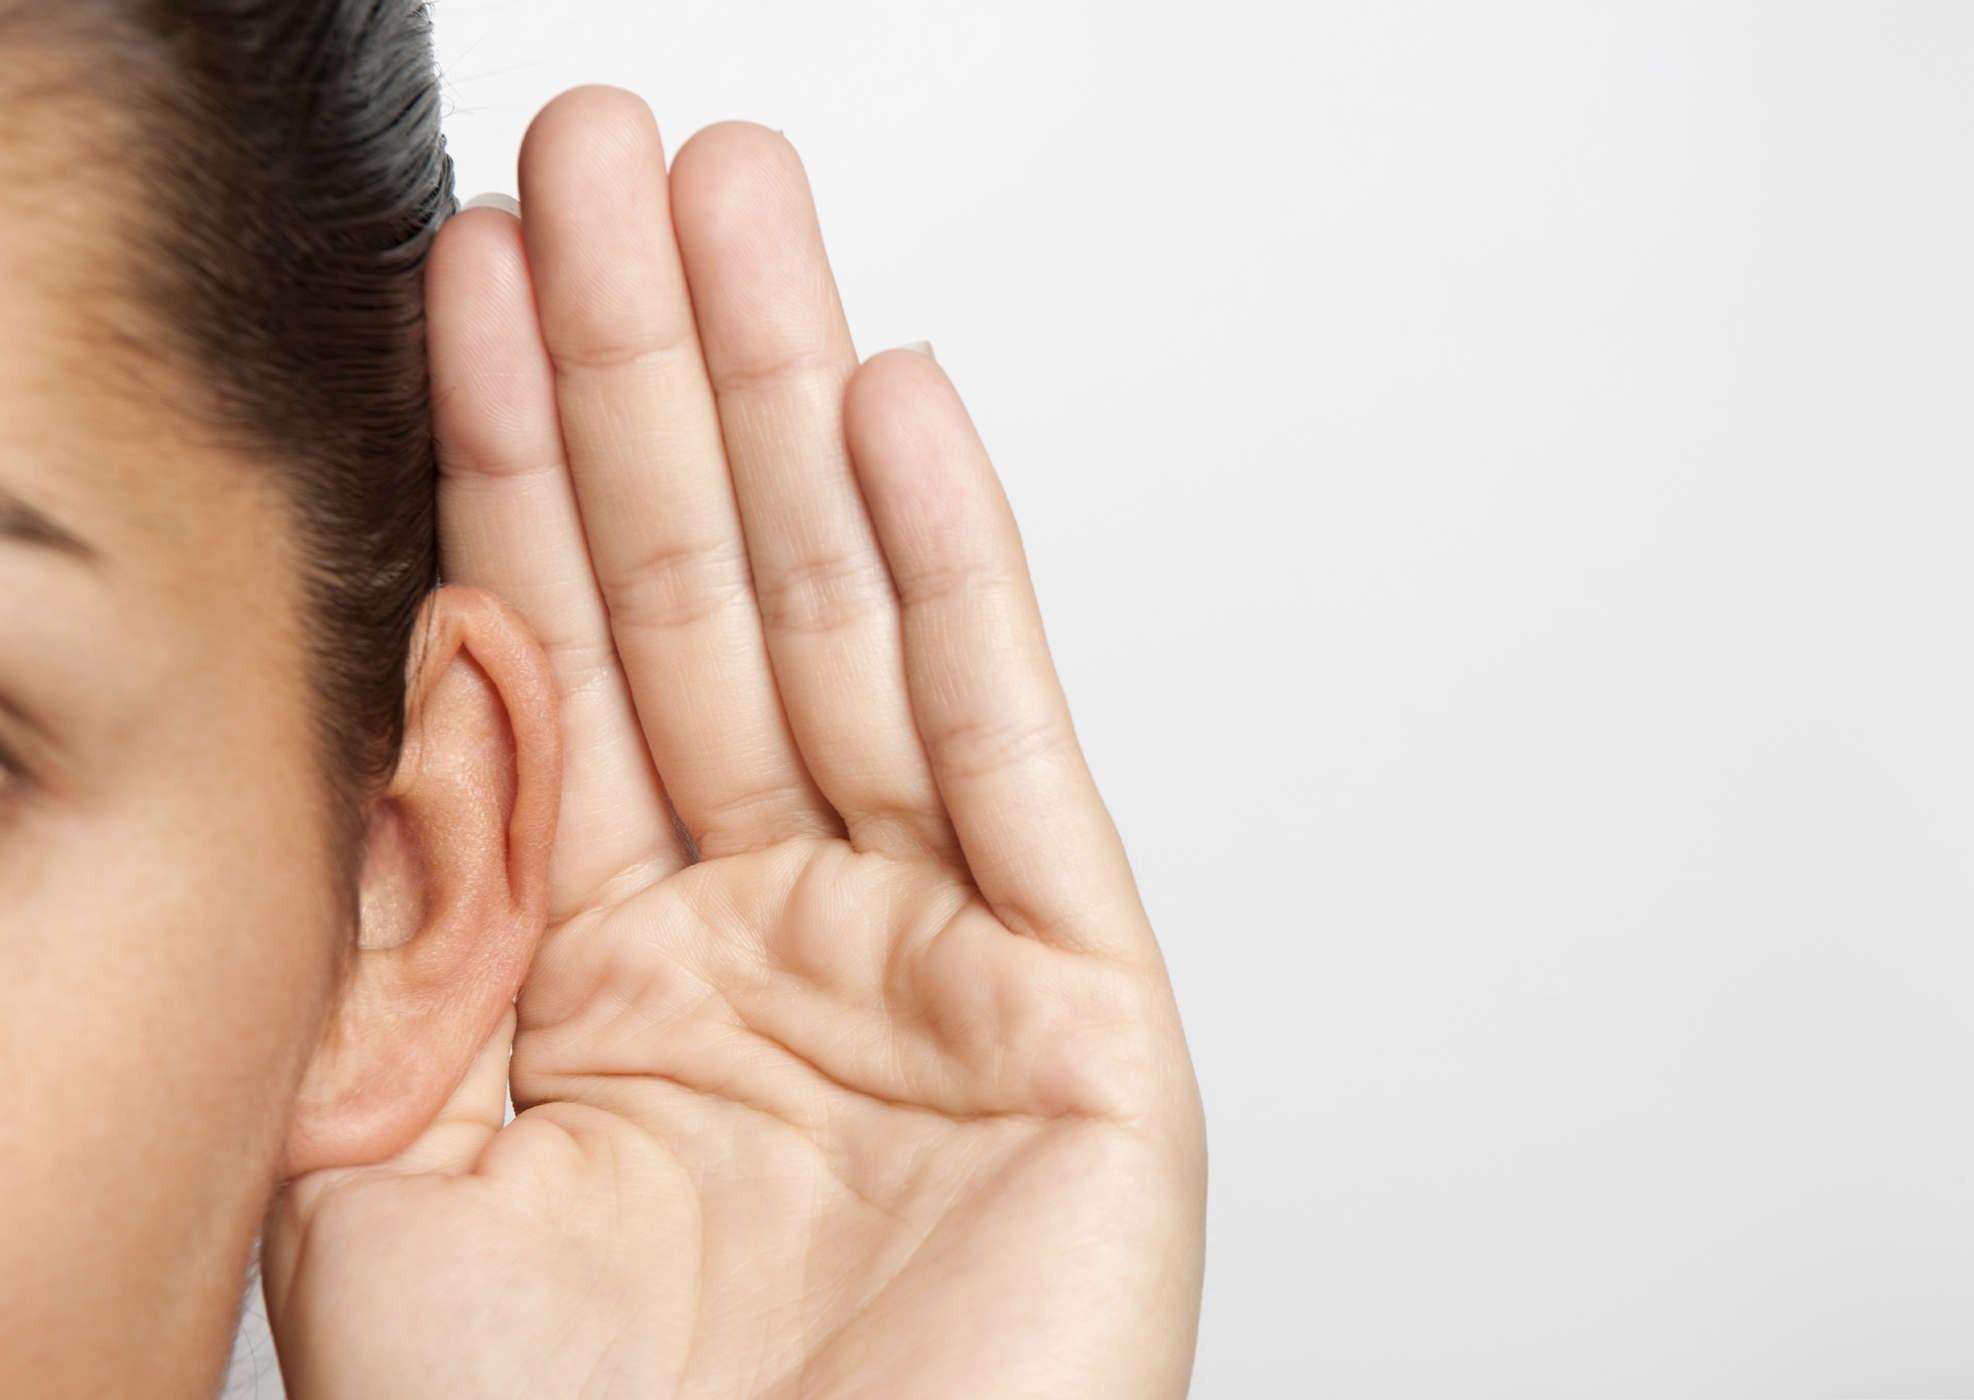 Những dấu hiệu cảnh báo bộ não của bạn đang bị lão hóa sớm - Ảnh 5